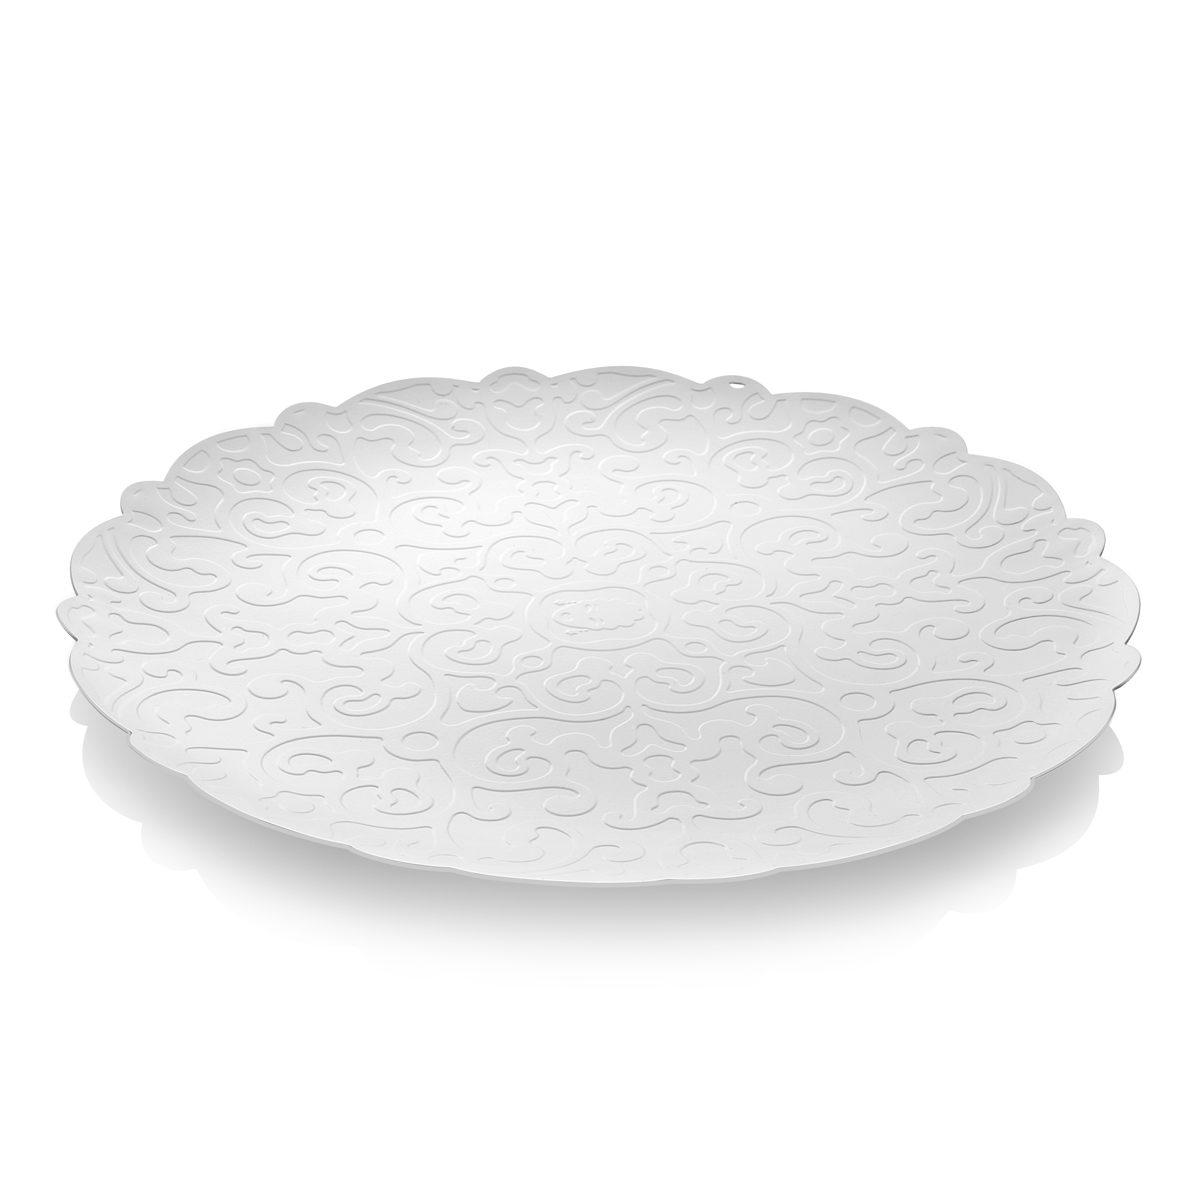 Alessi Alessi Tablett DRESSED weiß 35cm mit Reliefdekor